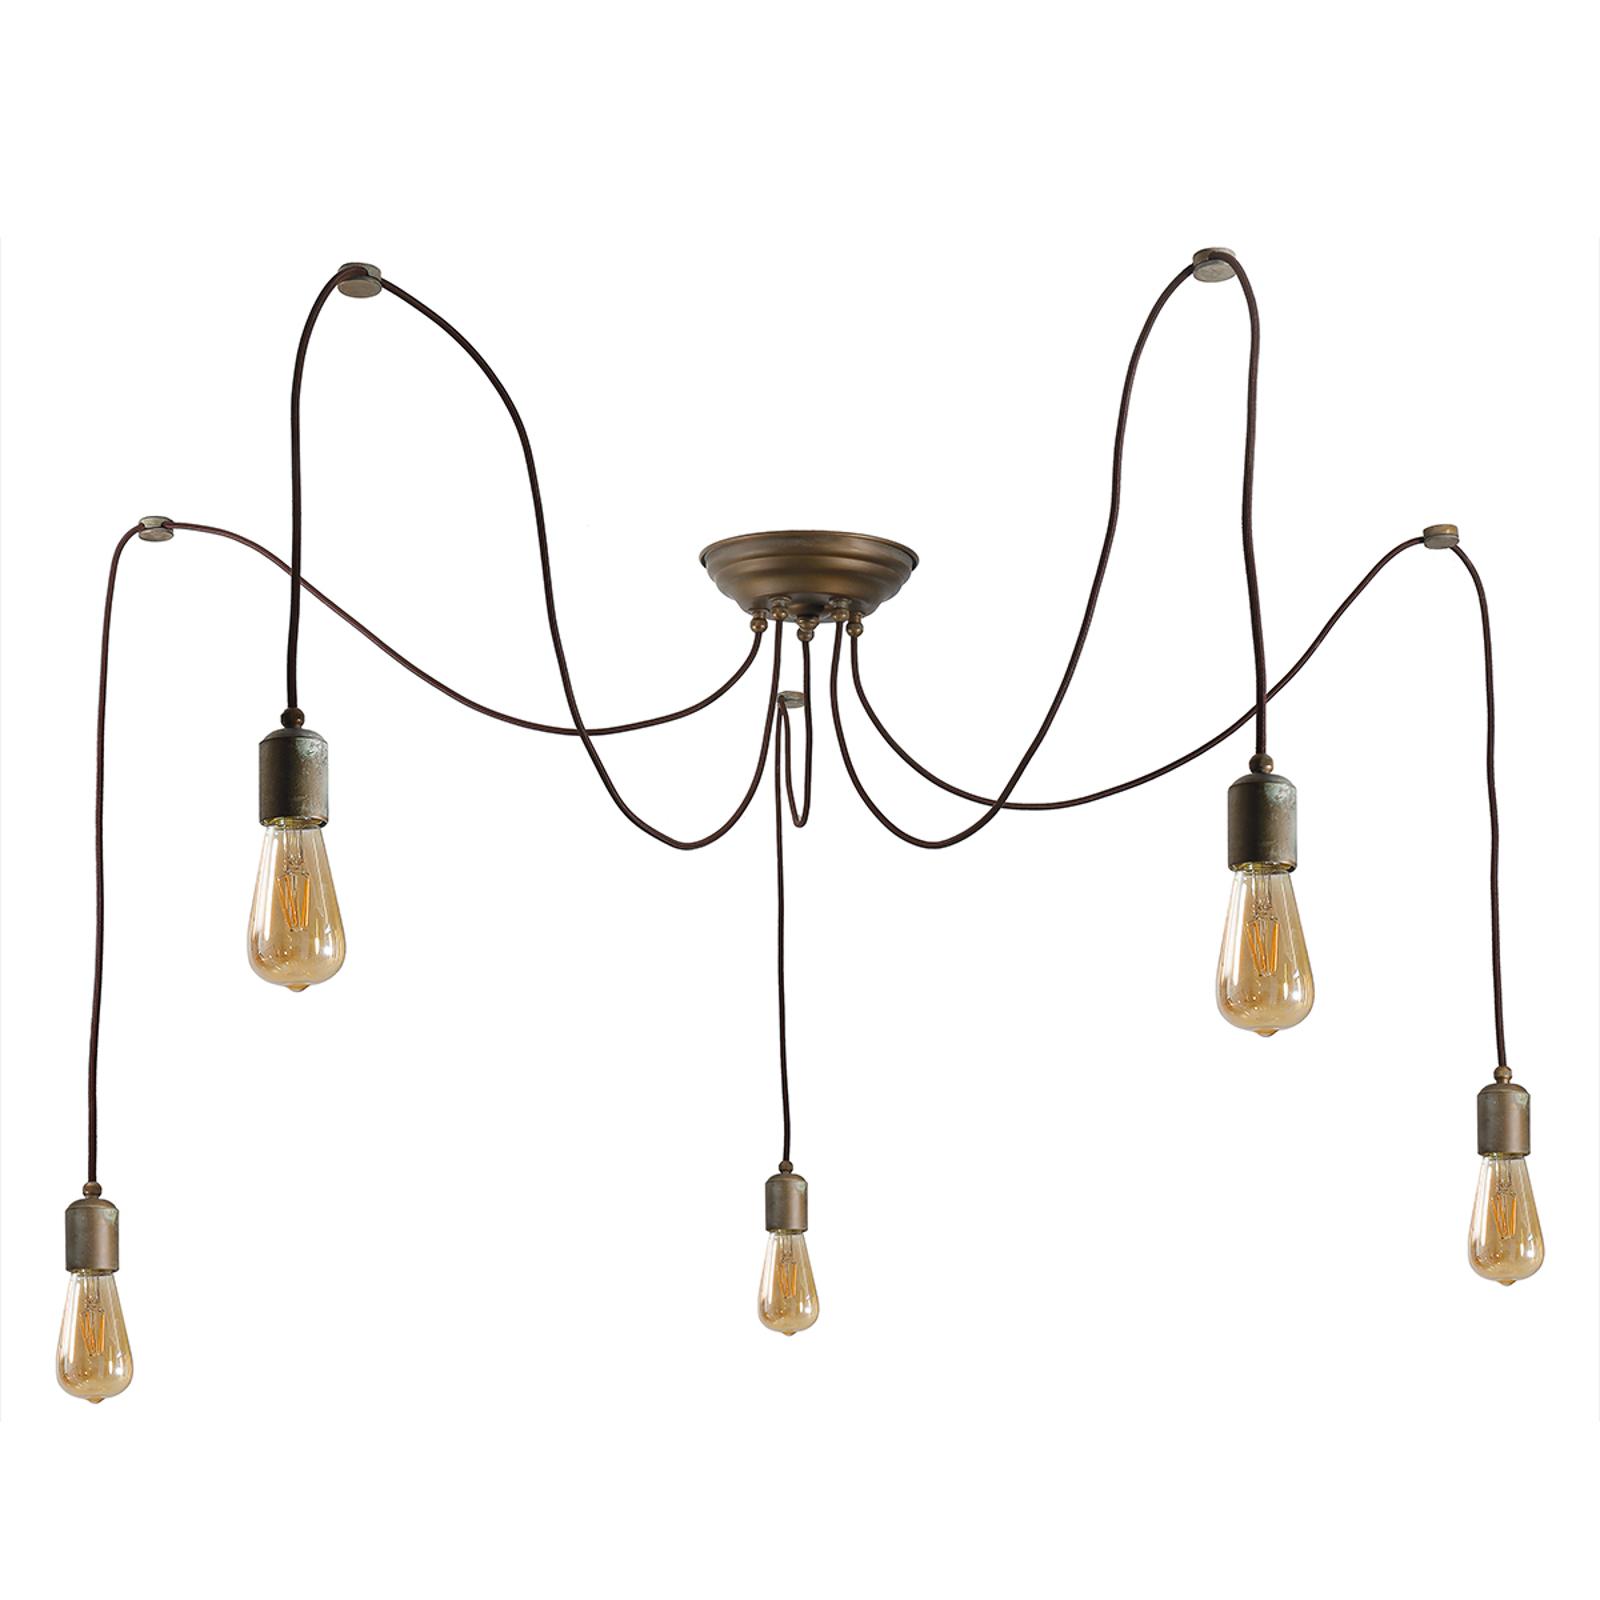 Suspension Allen à 5 lampes